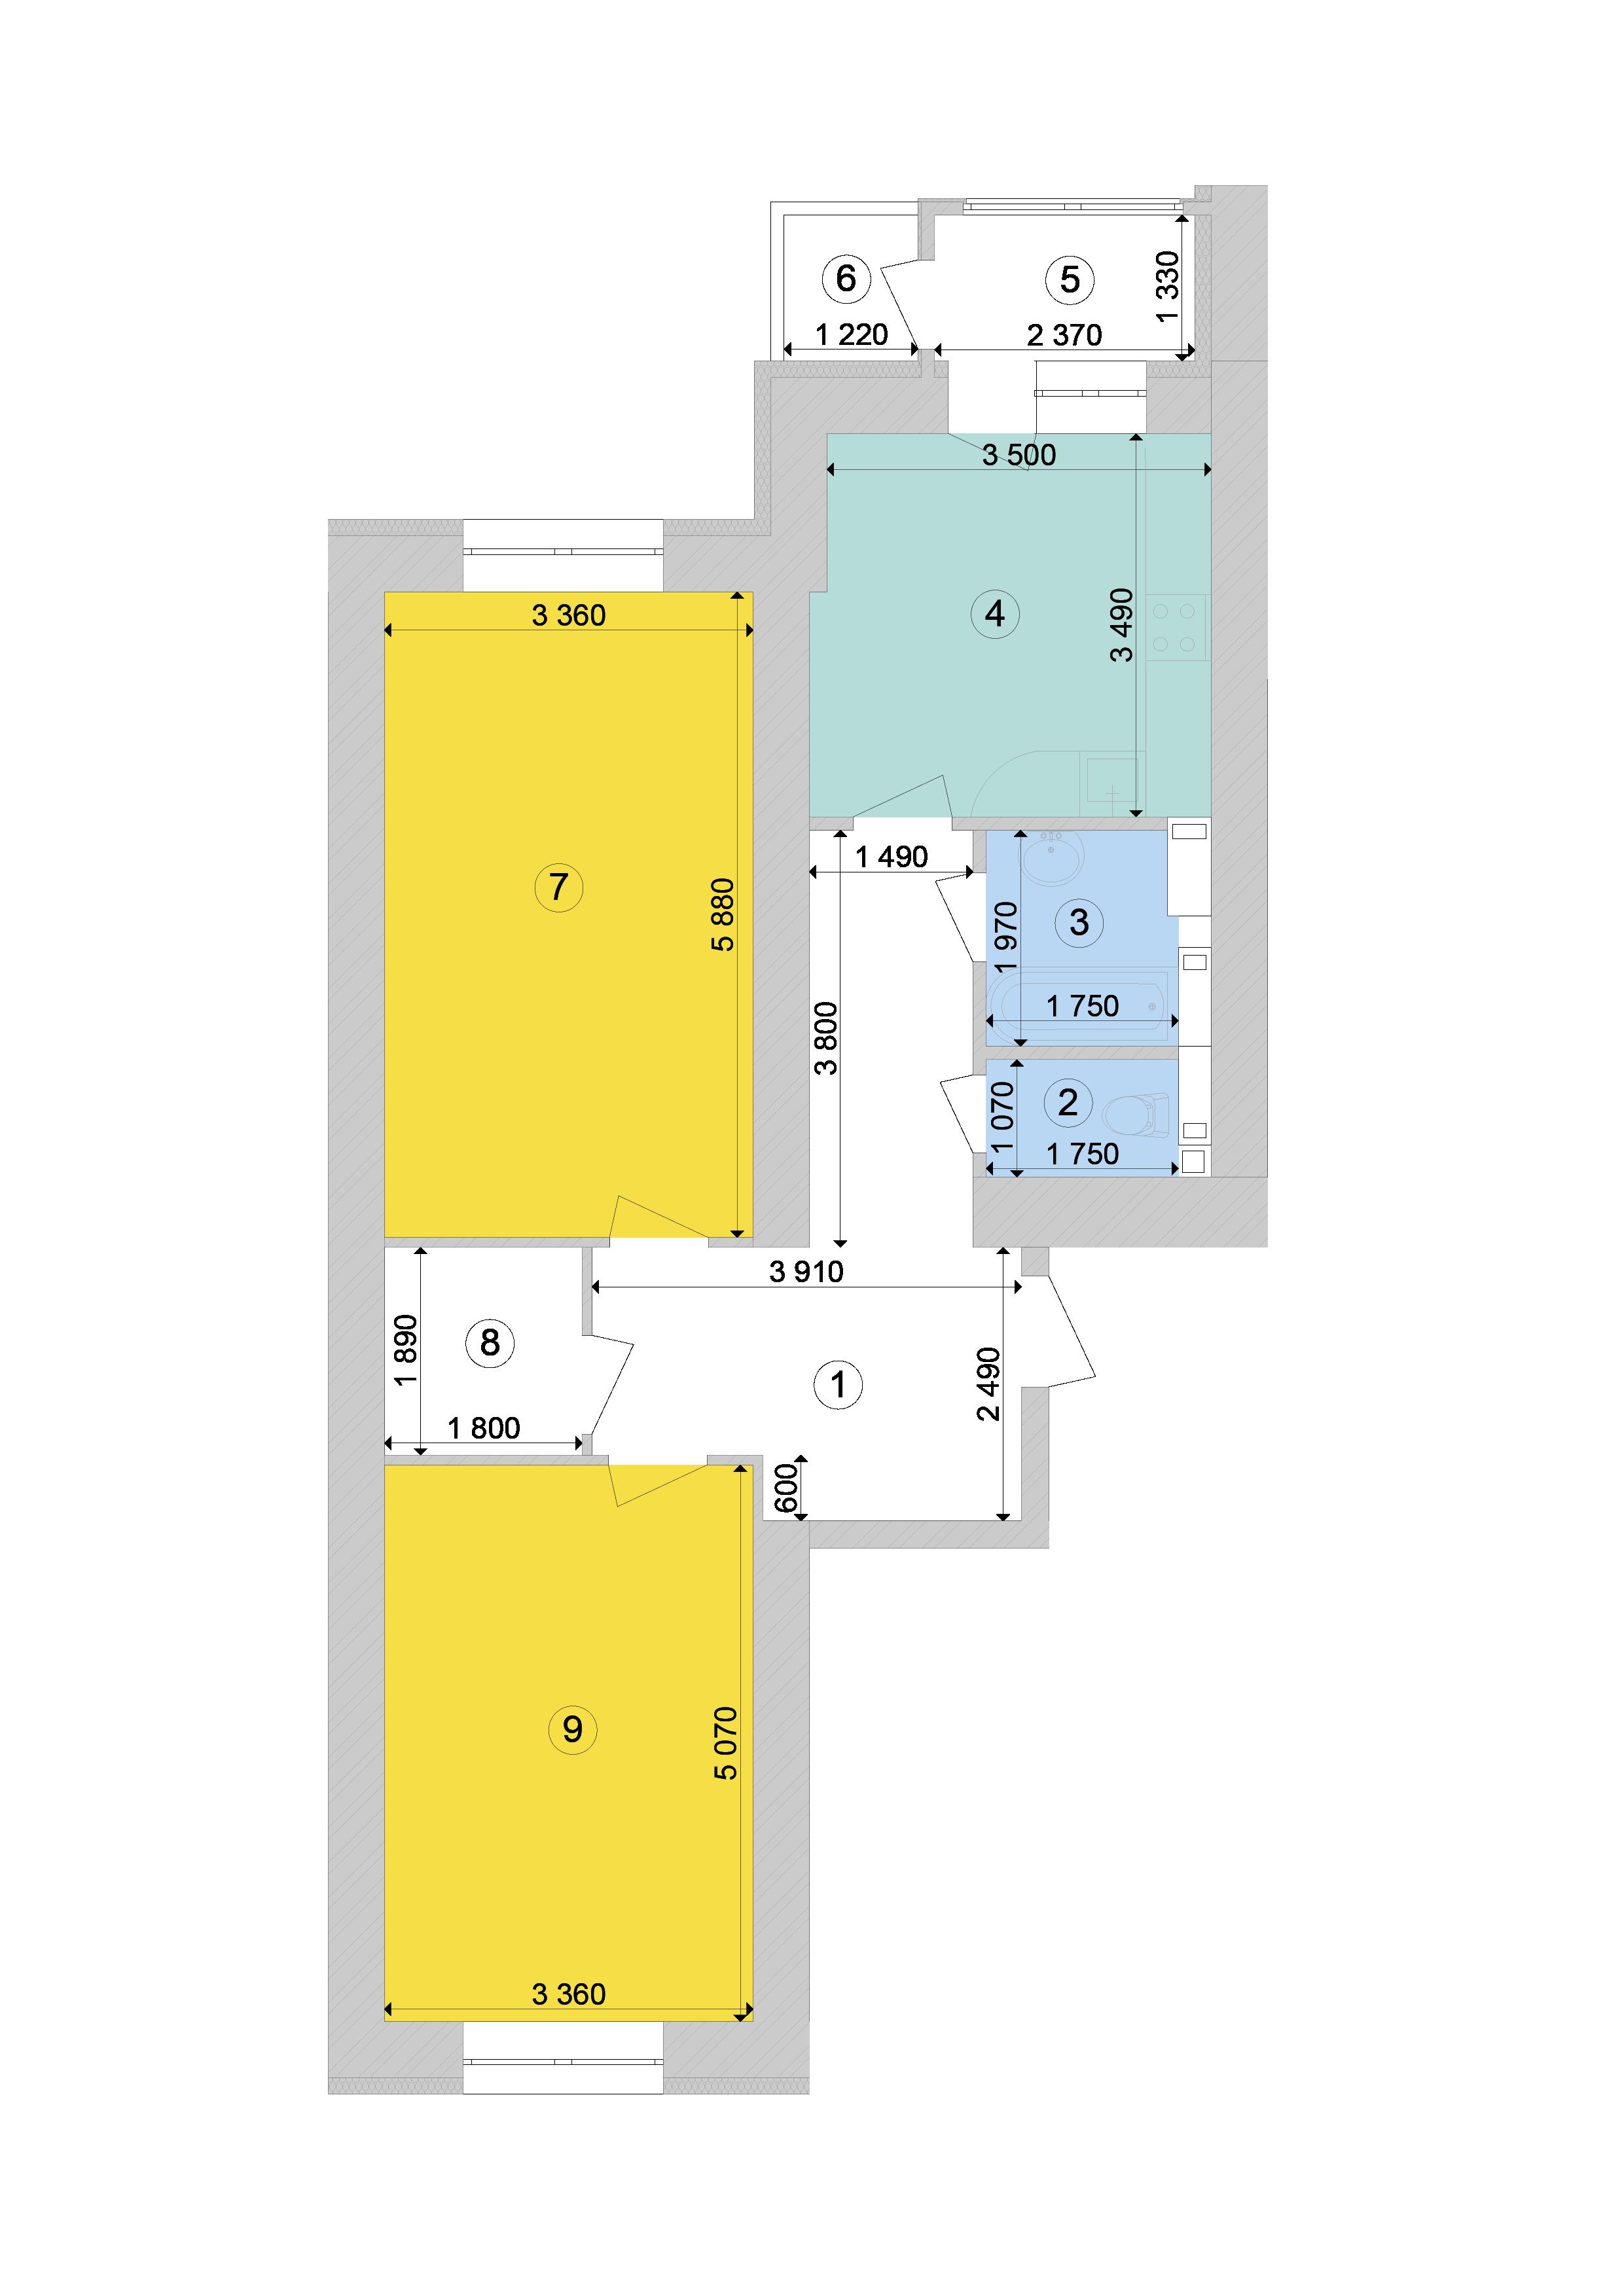 Купити Двокімнатна квартира 73,99 кв.м., тип 2.6, будинок 1, секція 7 в Києві Голосіївський район